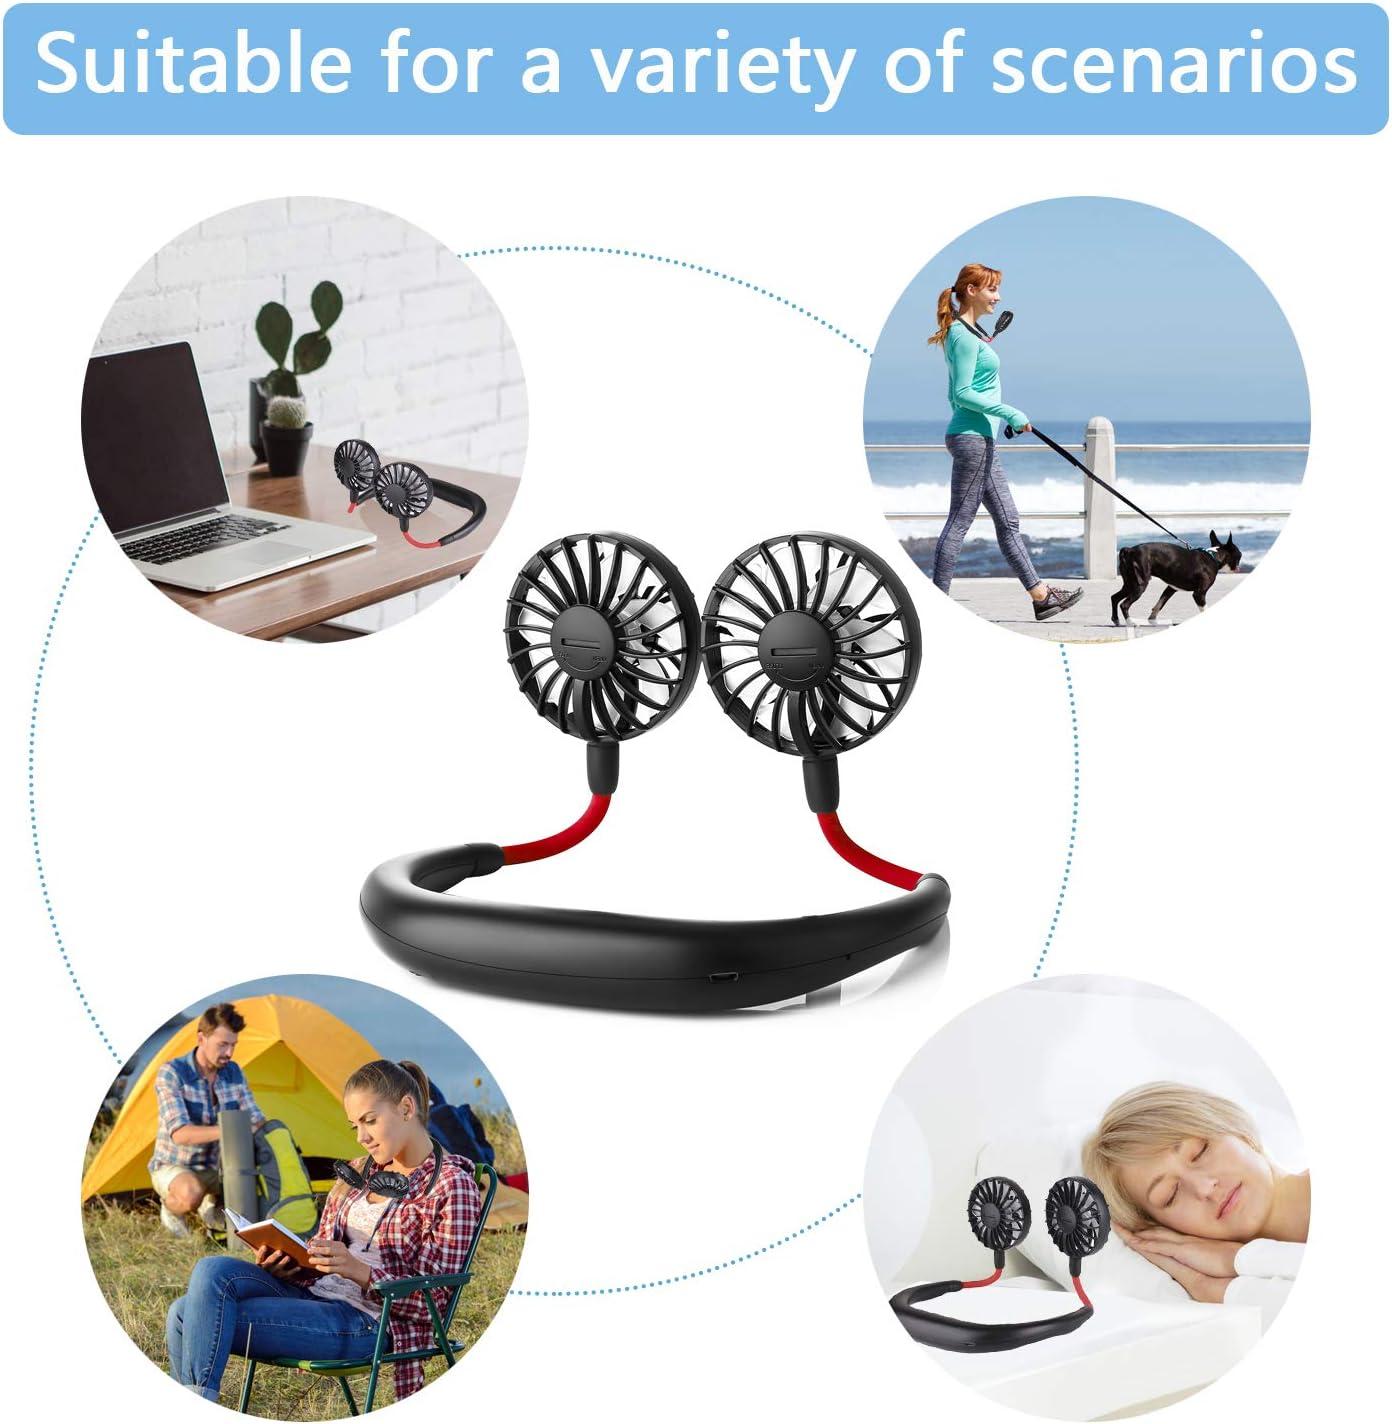 Portable Fan for Office//Outdoors//Household ZoeeTree USB Fan Neck Fan Quiet Desk Fan Travel Small Fan with 4-12Hs Working Time Aromatherapy 3 Speeds Rechargeable